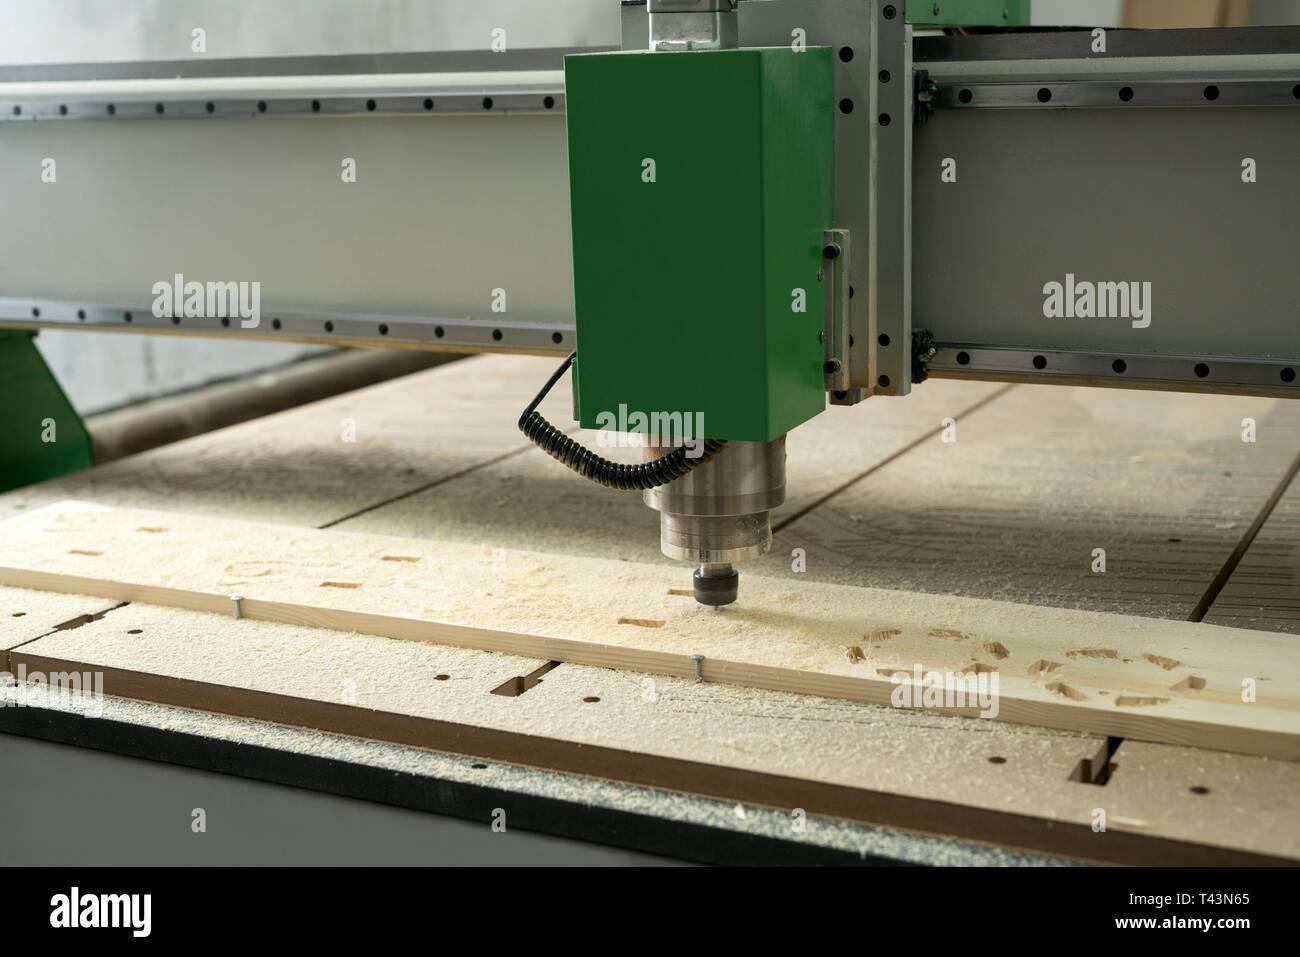 Relativ Bilder In Holz Fräsen | Mdf Platten Fräsen Plattenmaterial DF24